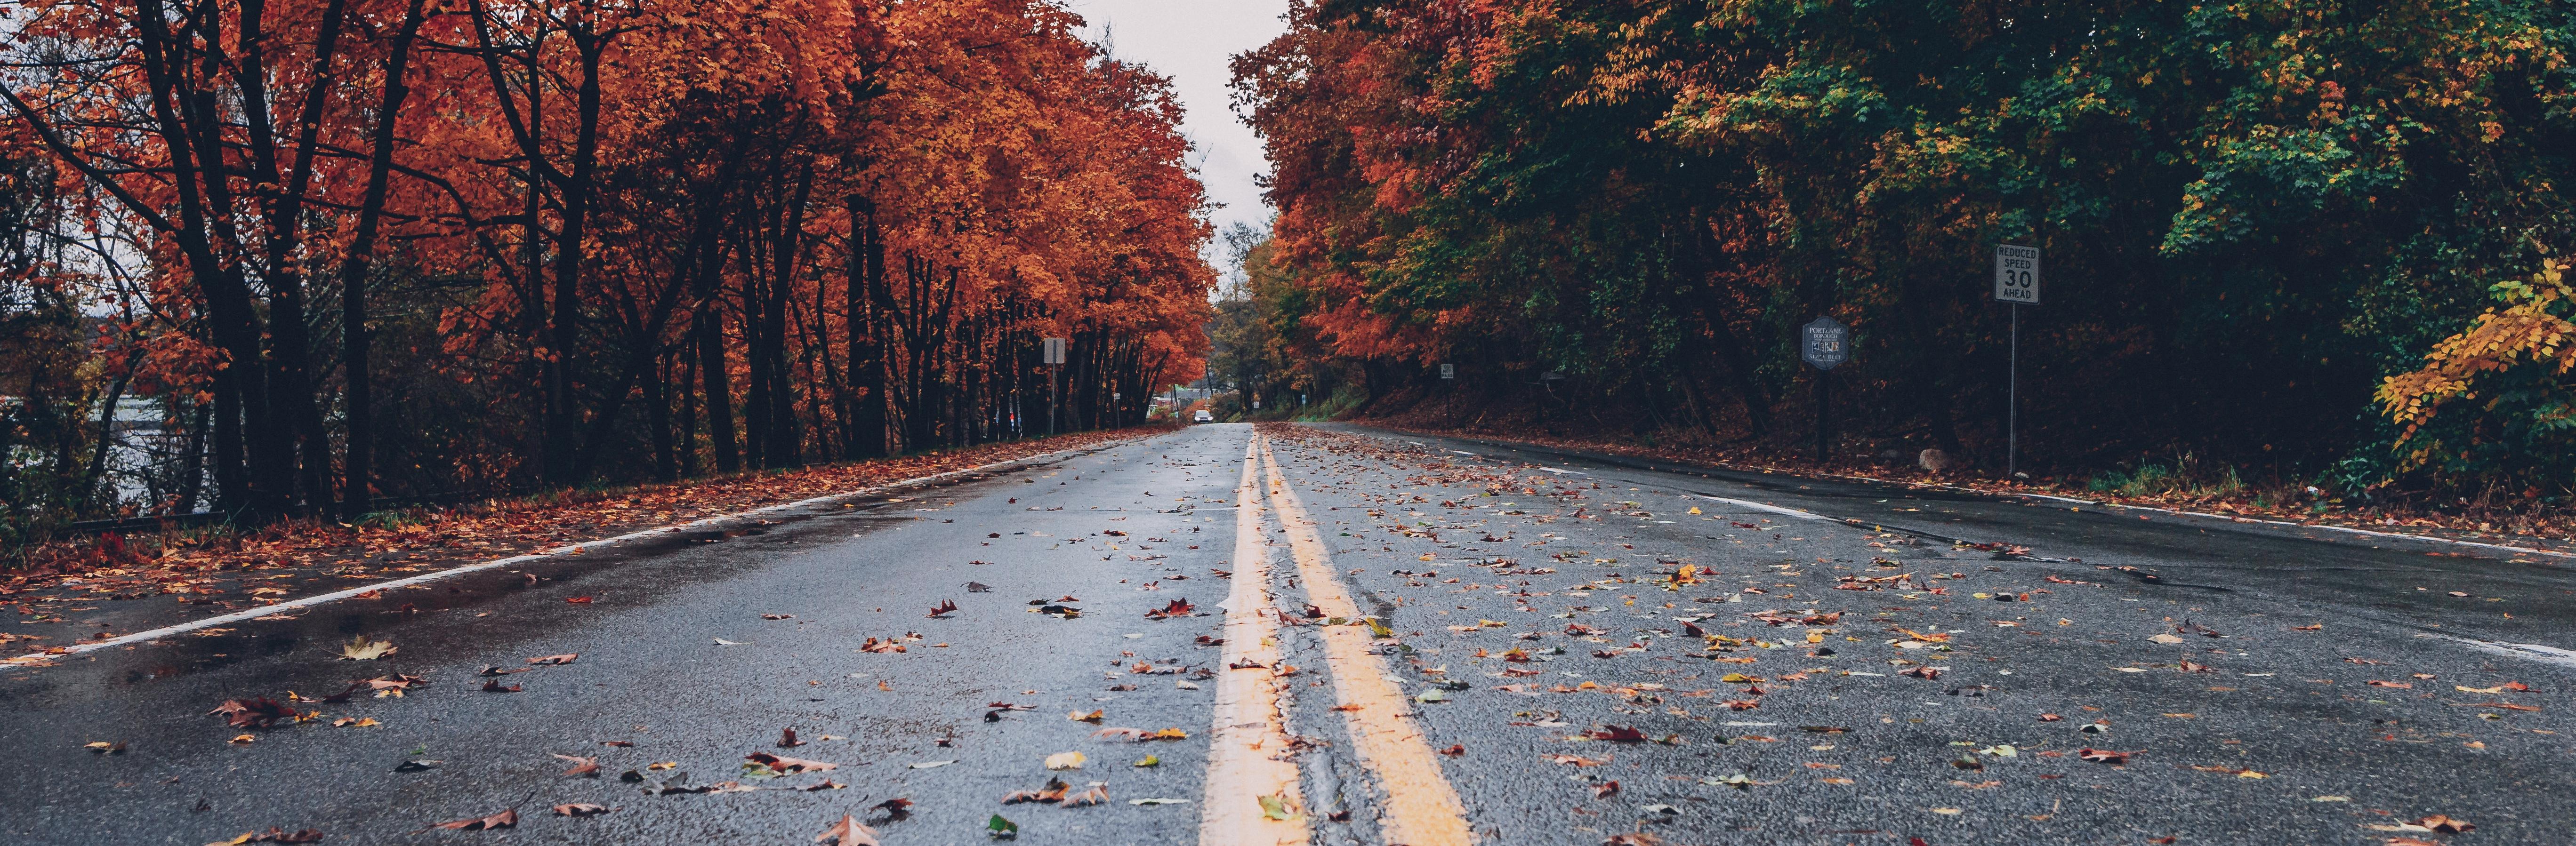 Permalink auf:Den Weg, den du mir vorschreibst, gehe ich, du hast mein Herz dazu bereitgemacht.